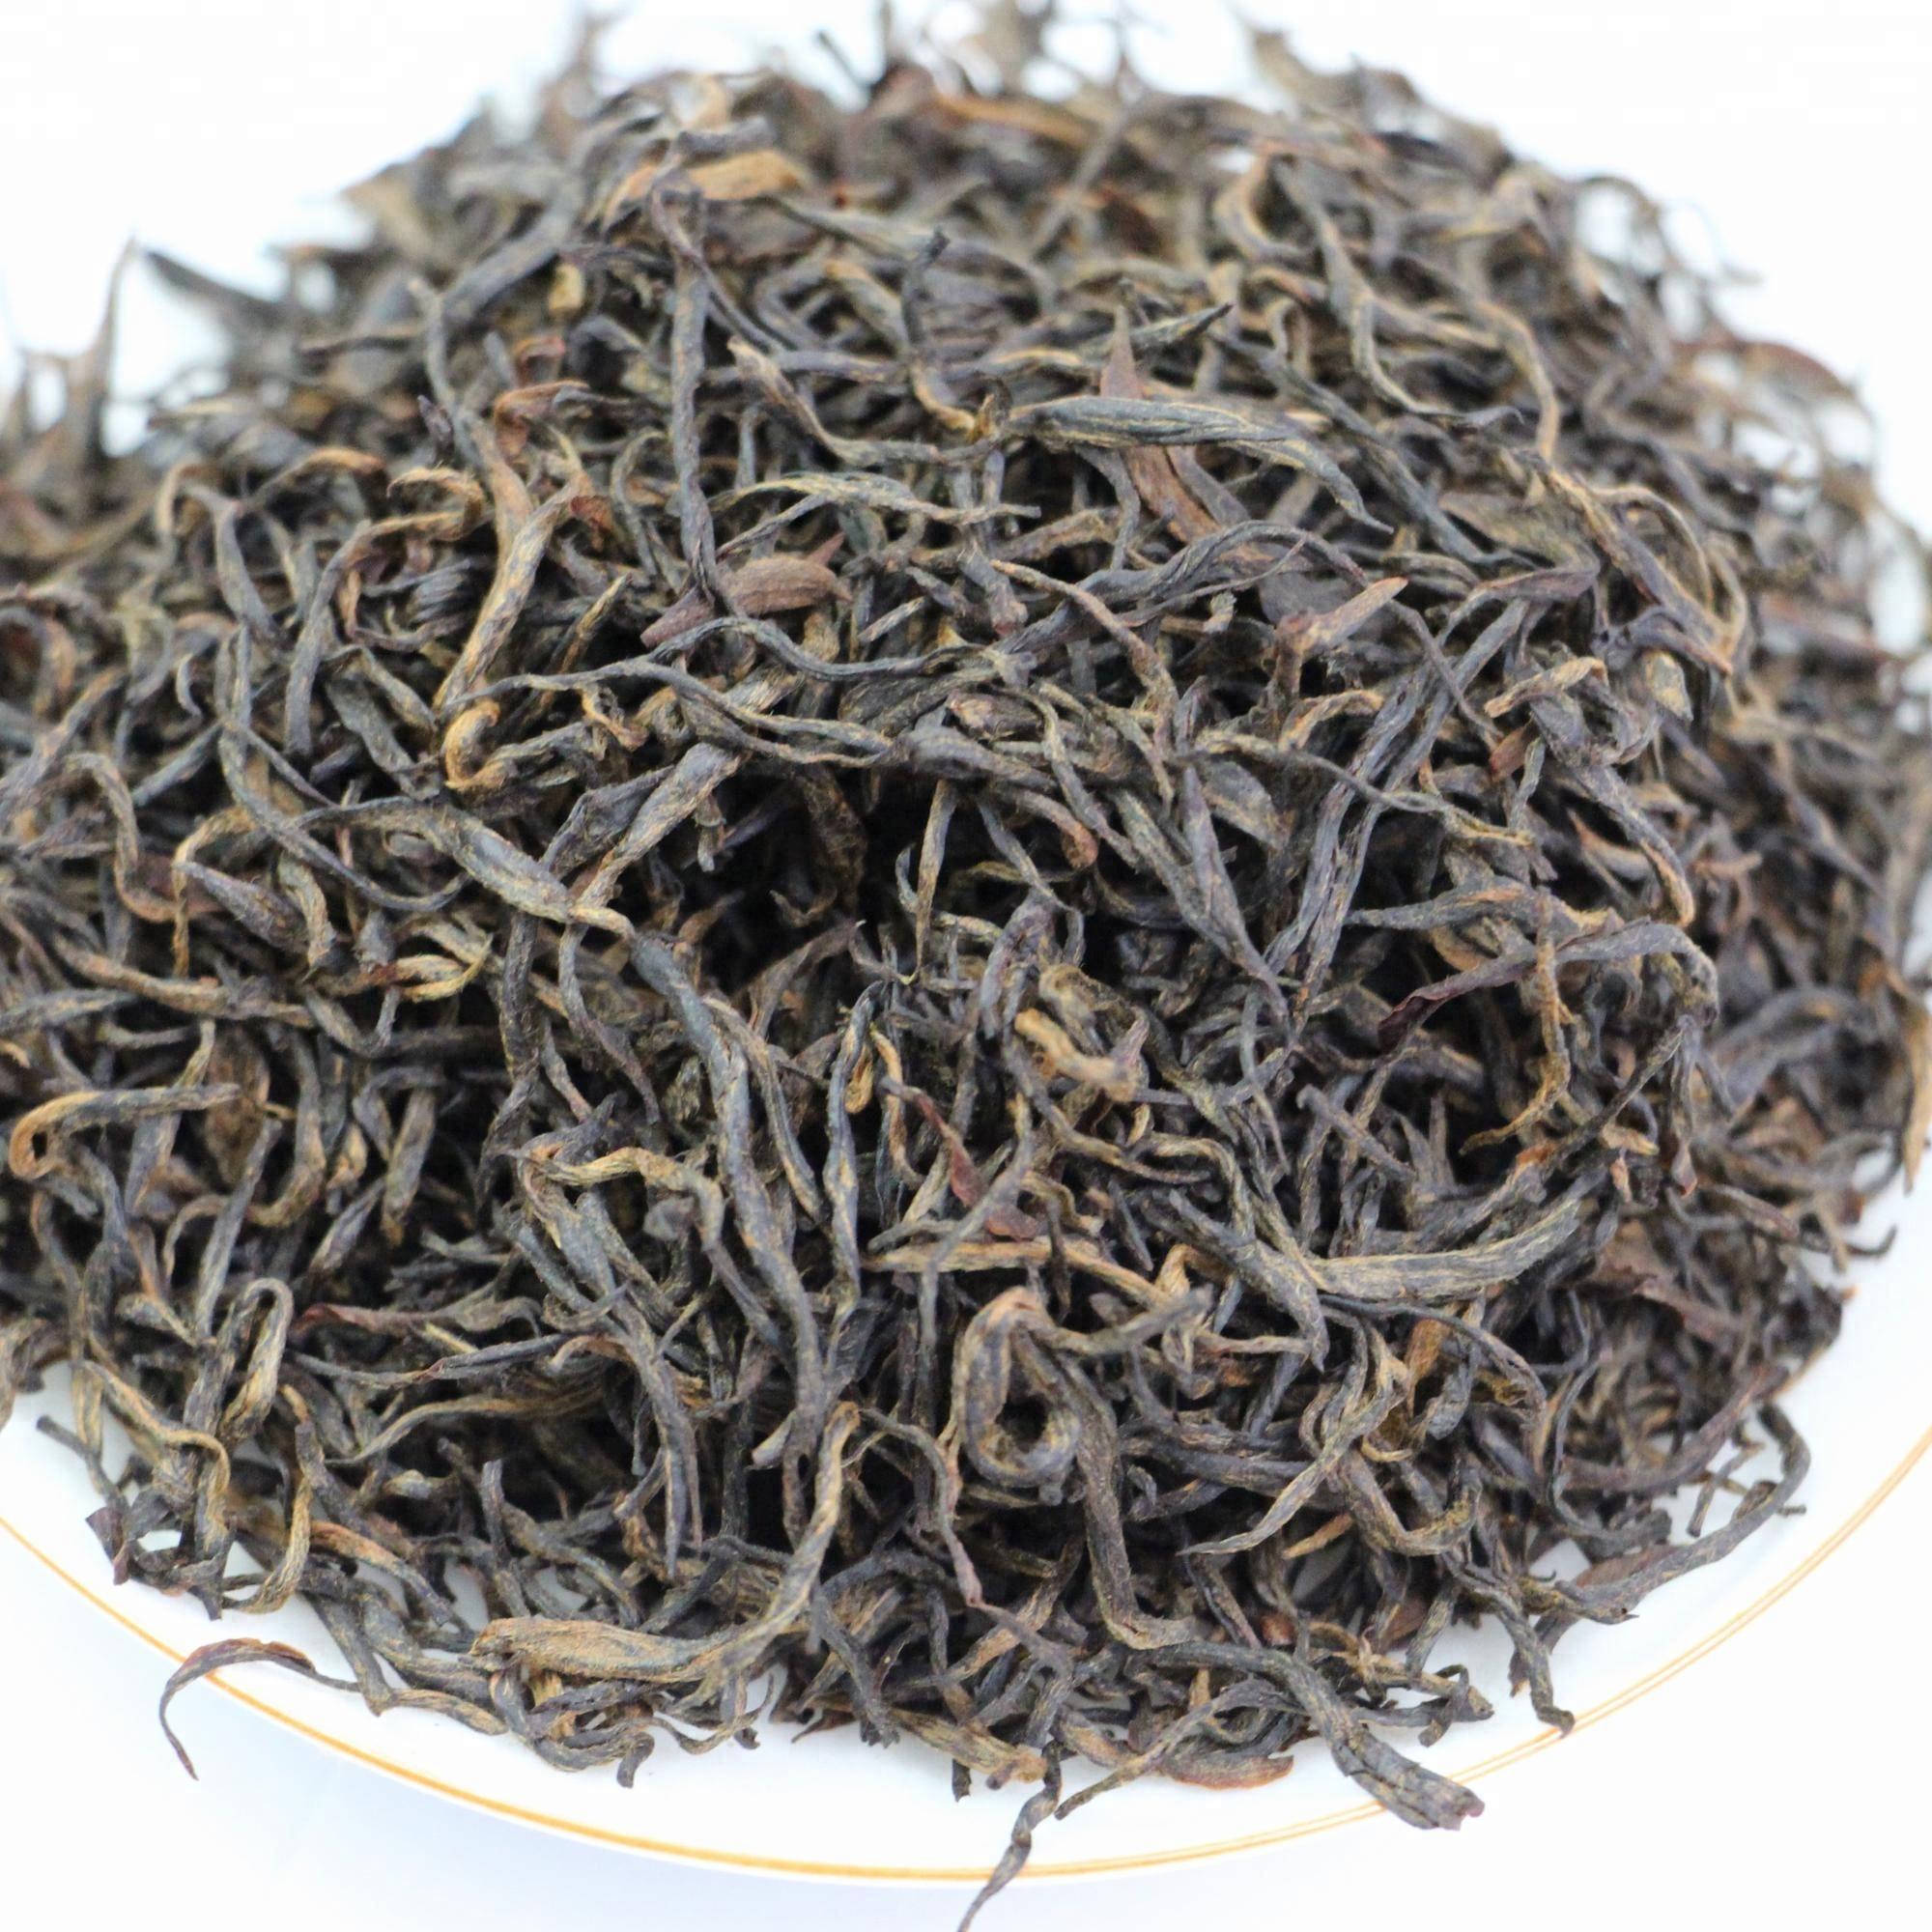 decaffeinated black tea 4A grade alpine organic black tea - 4uTea   4uTea.com